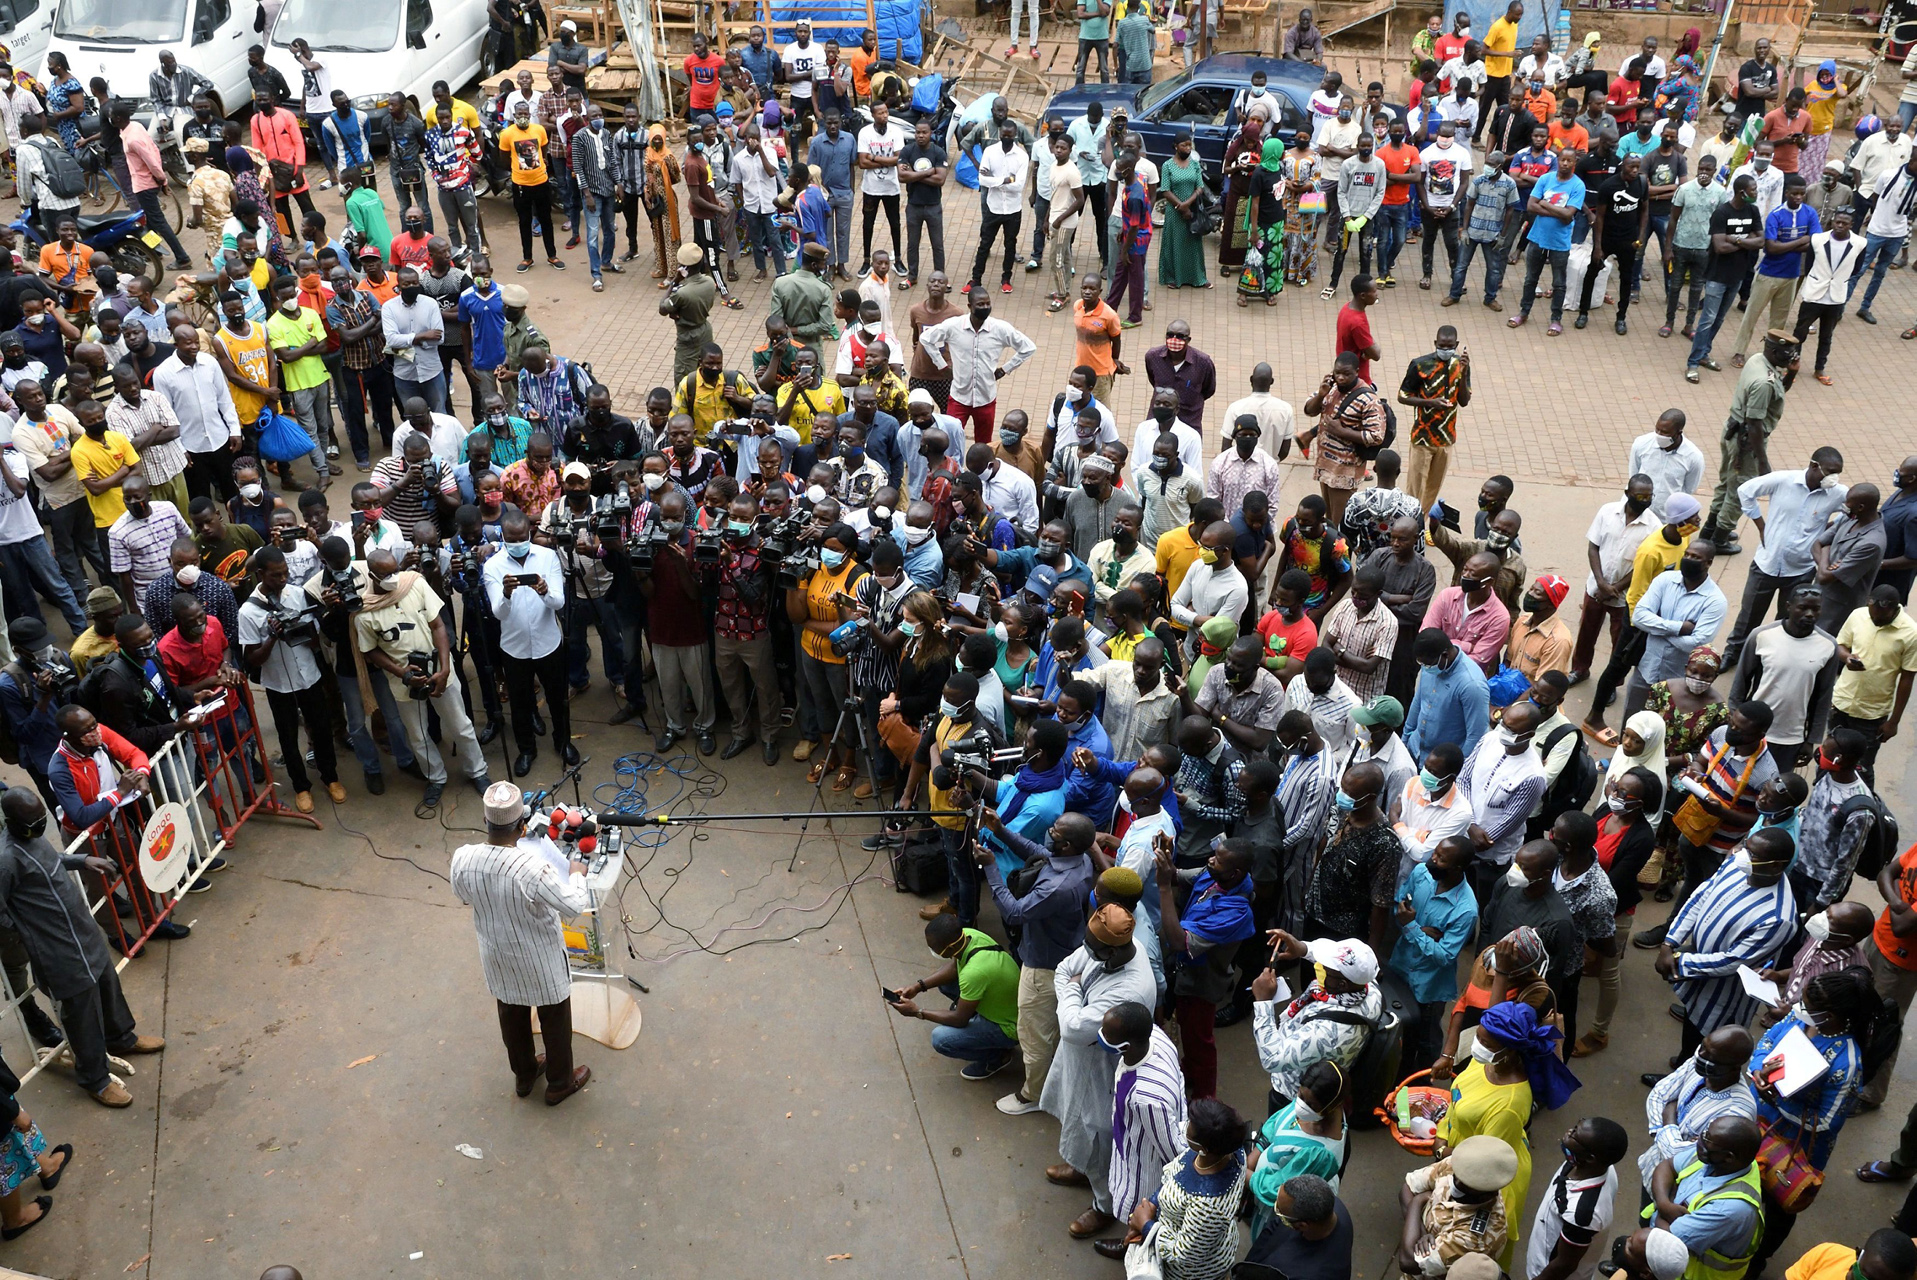 Κορονοϊός: Πάνω από 500 εργάτες σε βιομηχανία στη Γκάνα βρέθηκαν θετικοί